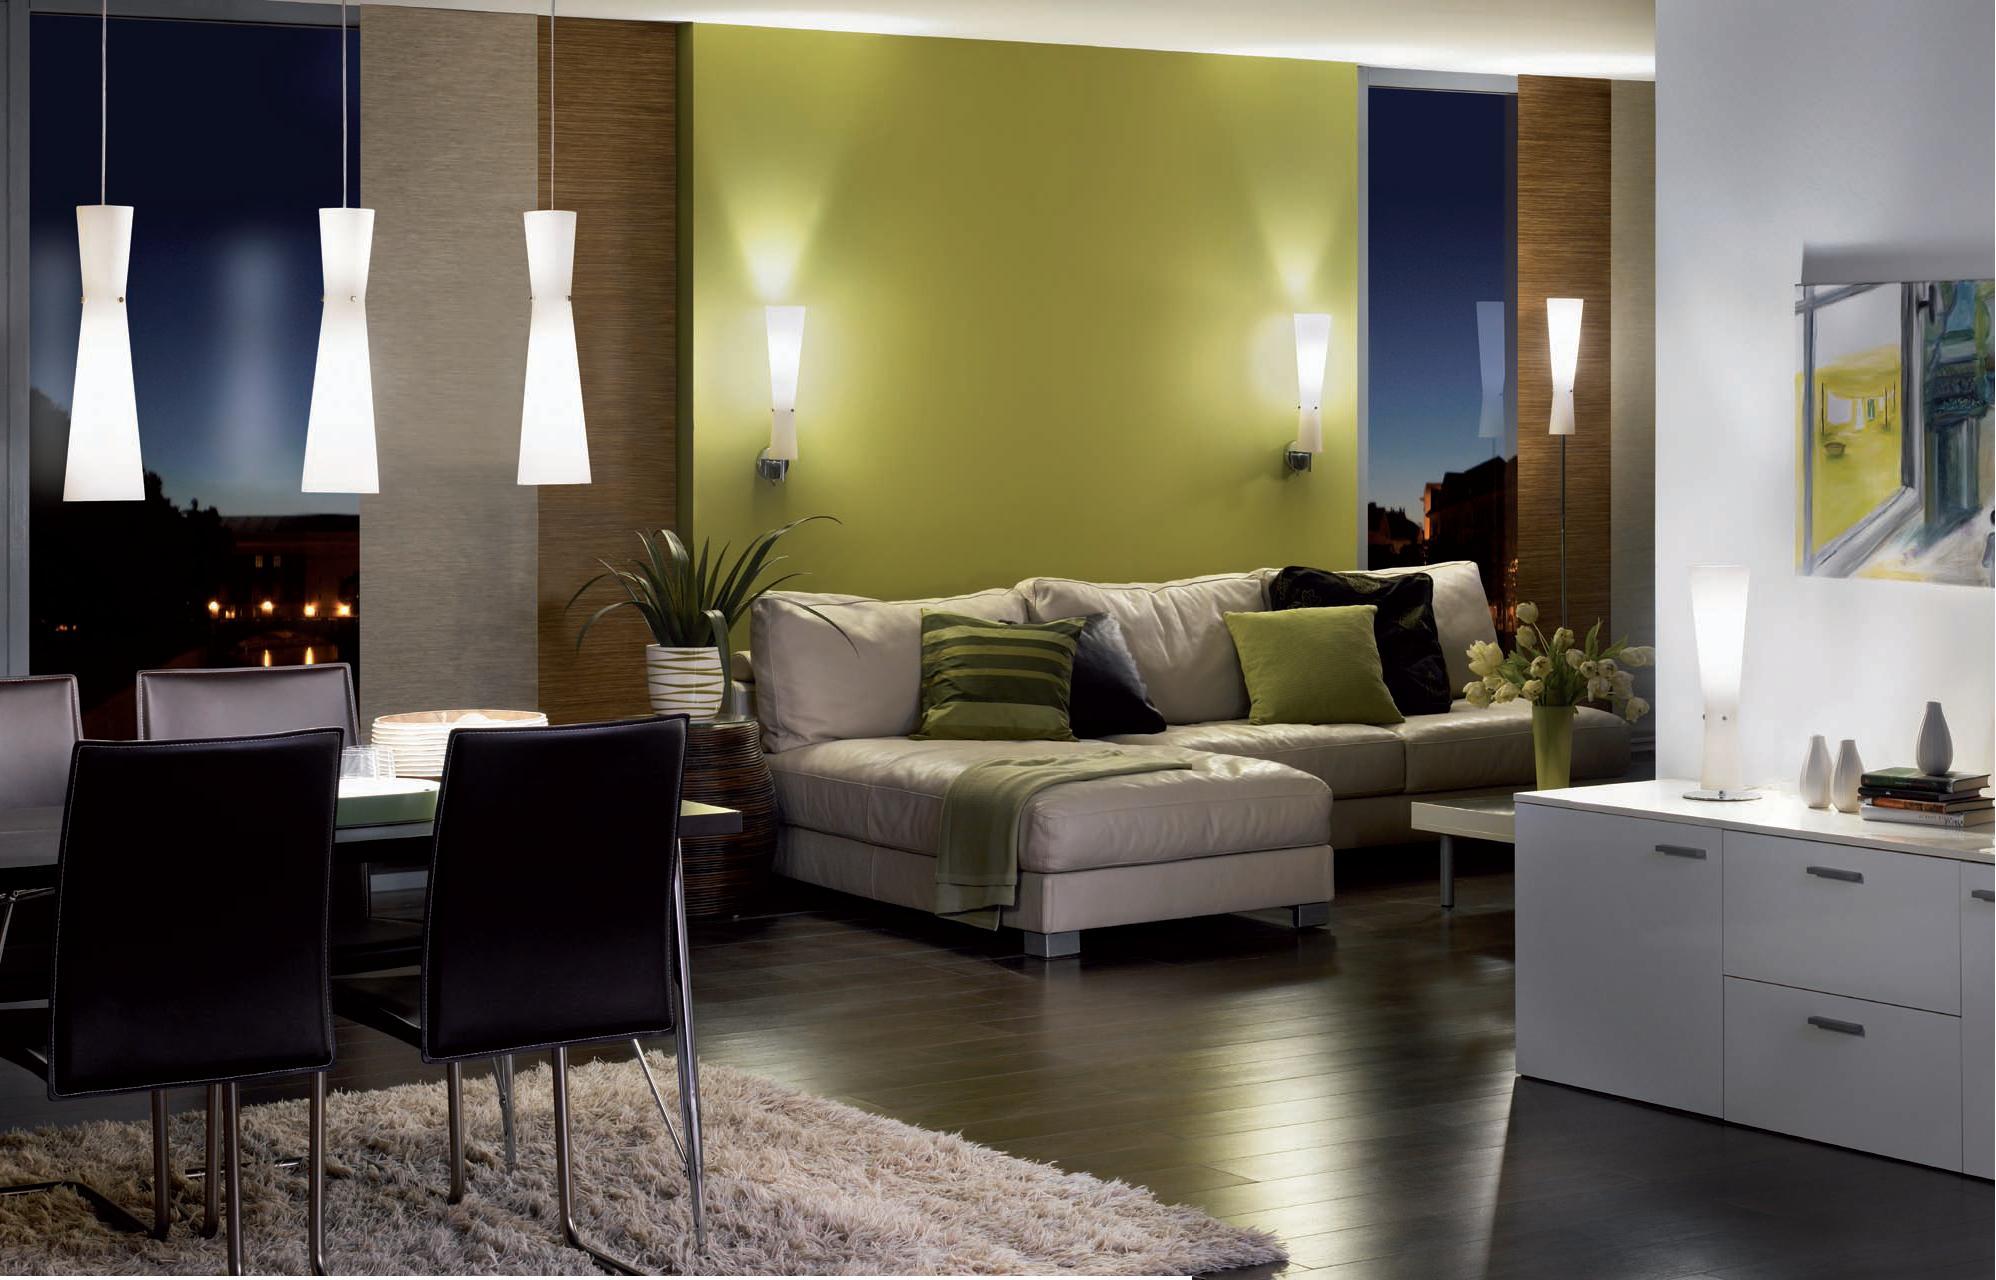 Choisir le bon clairage pour l int rieur de sa maison - Des idees pour decorer sa maison ...